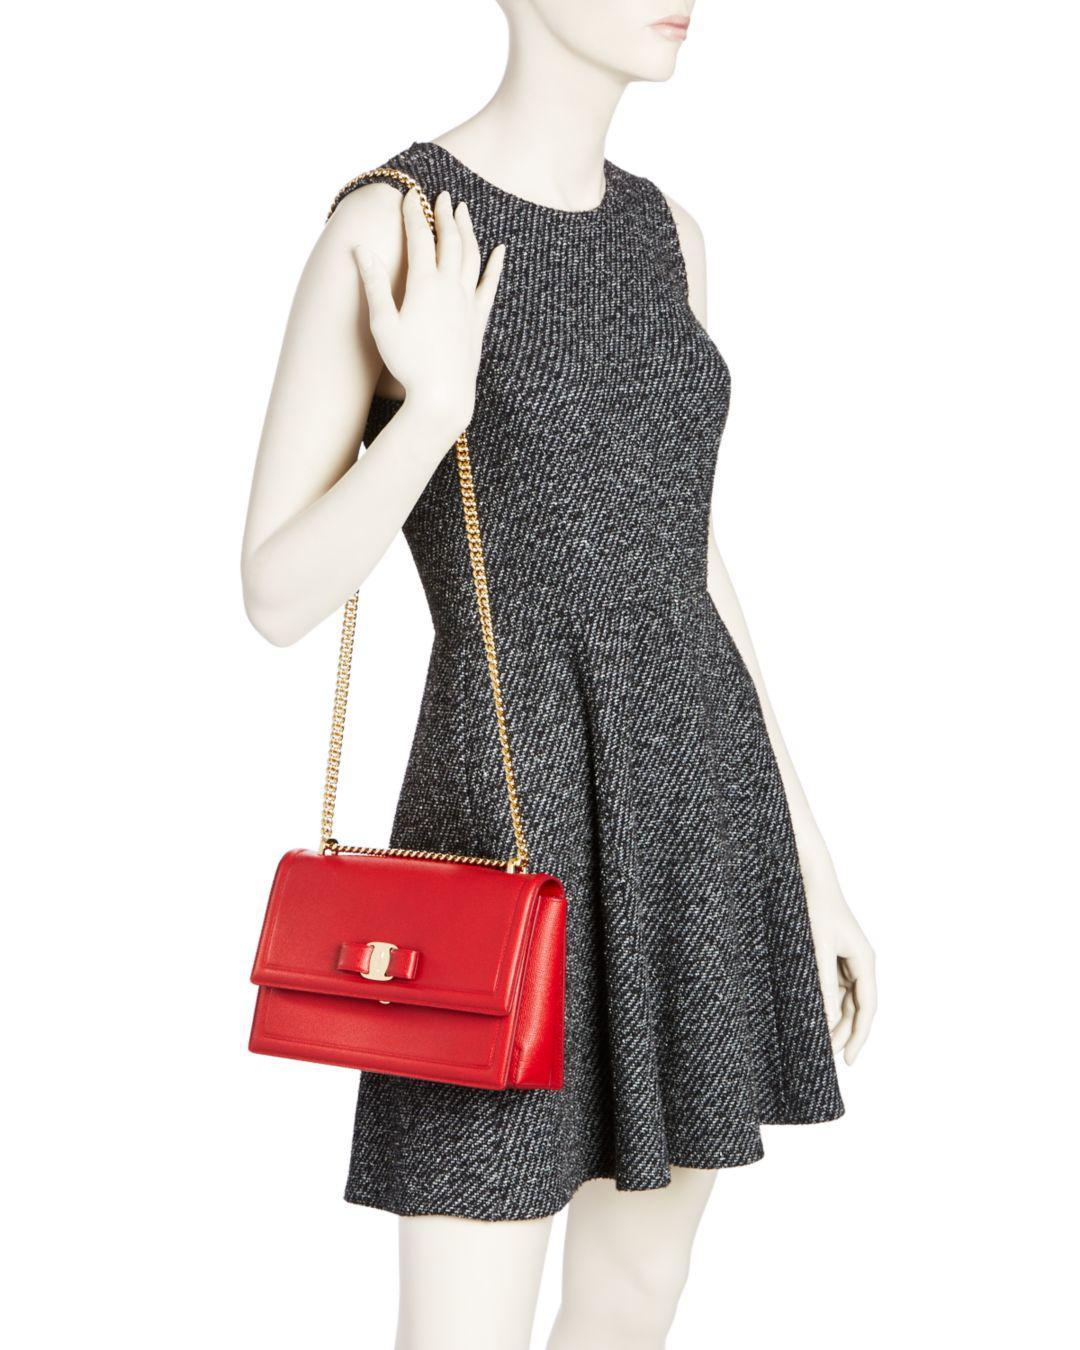 Lyst - Ferragamo Ginny Medium Saffiano Leather Shoulder Bag in Red 1ca409cb5b75c